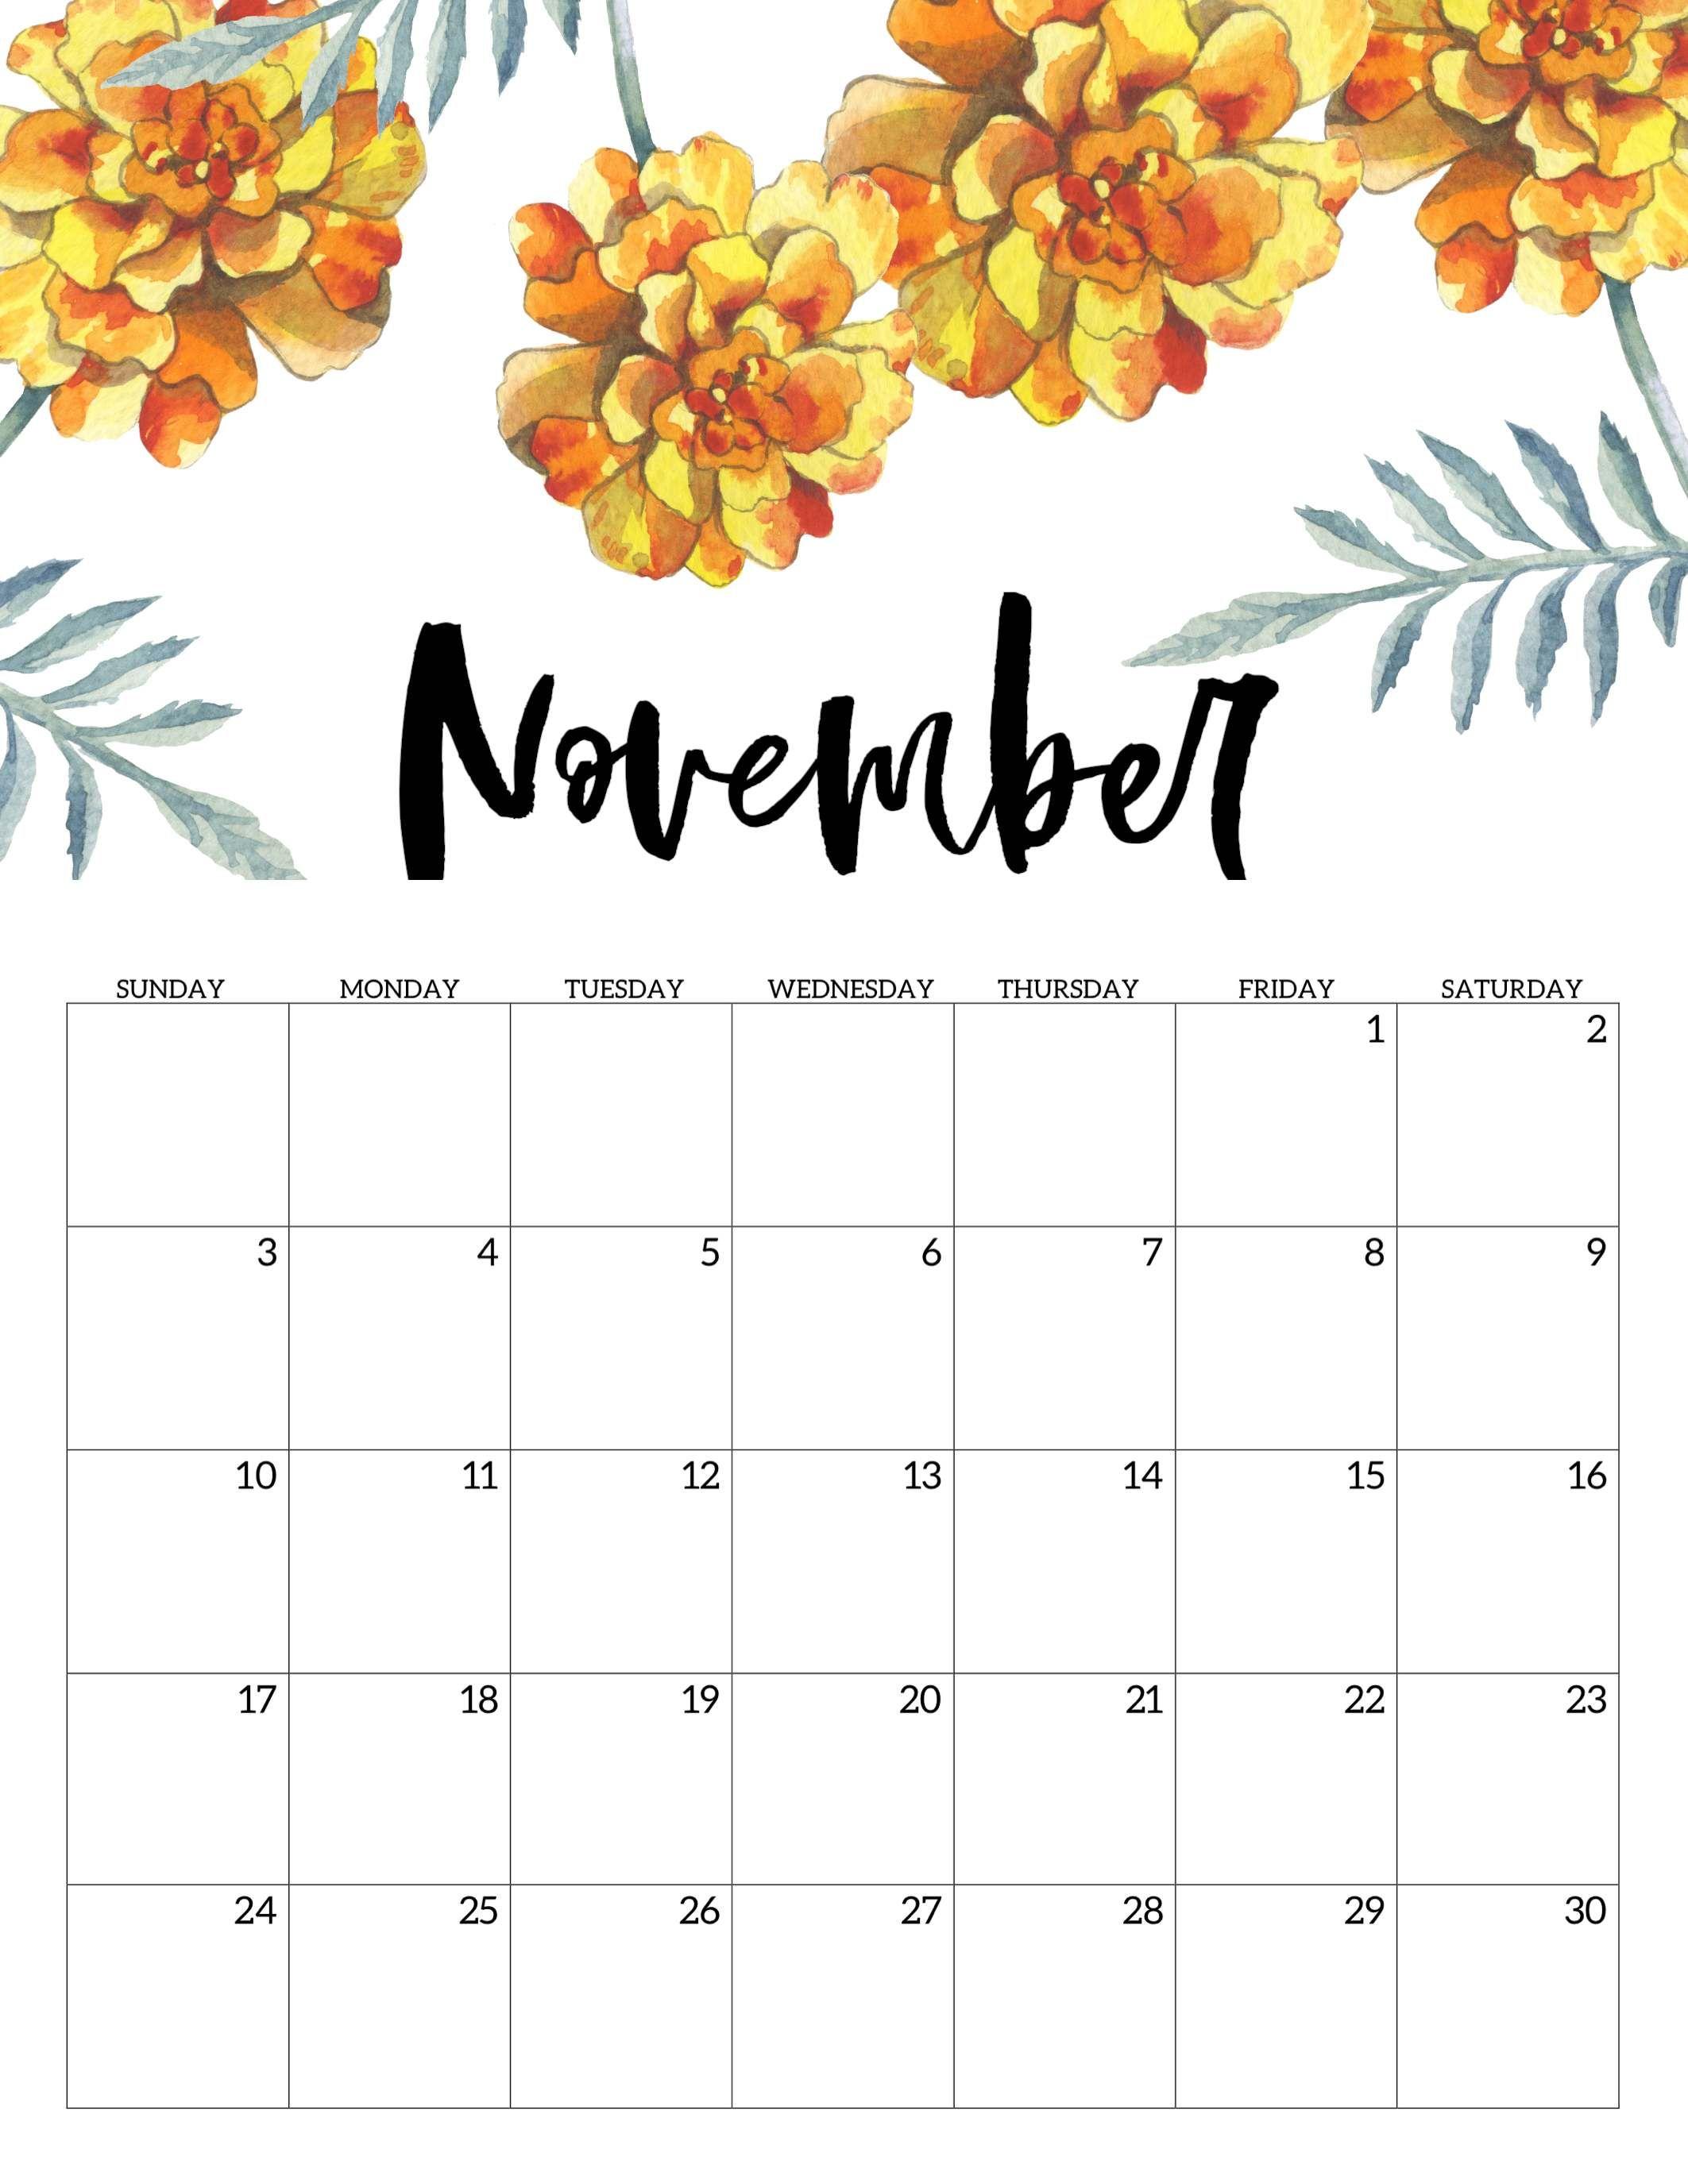 November 2019 Wall Calendar Printable Wallcalendar November2019